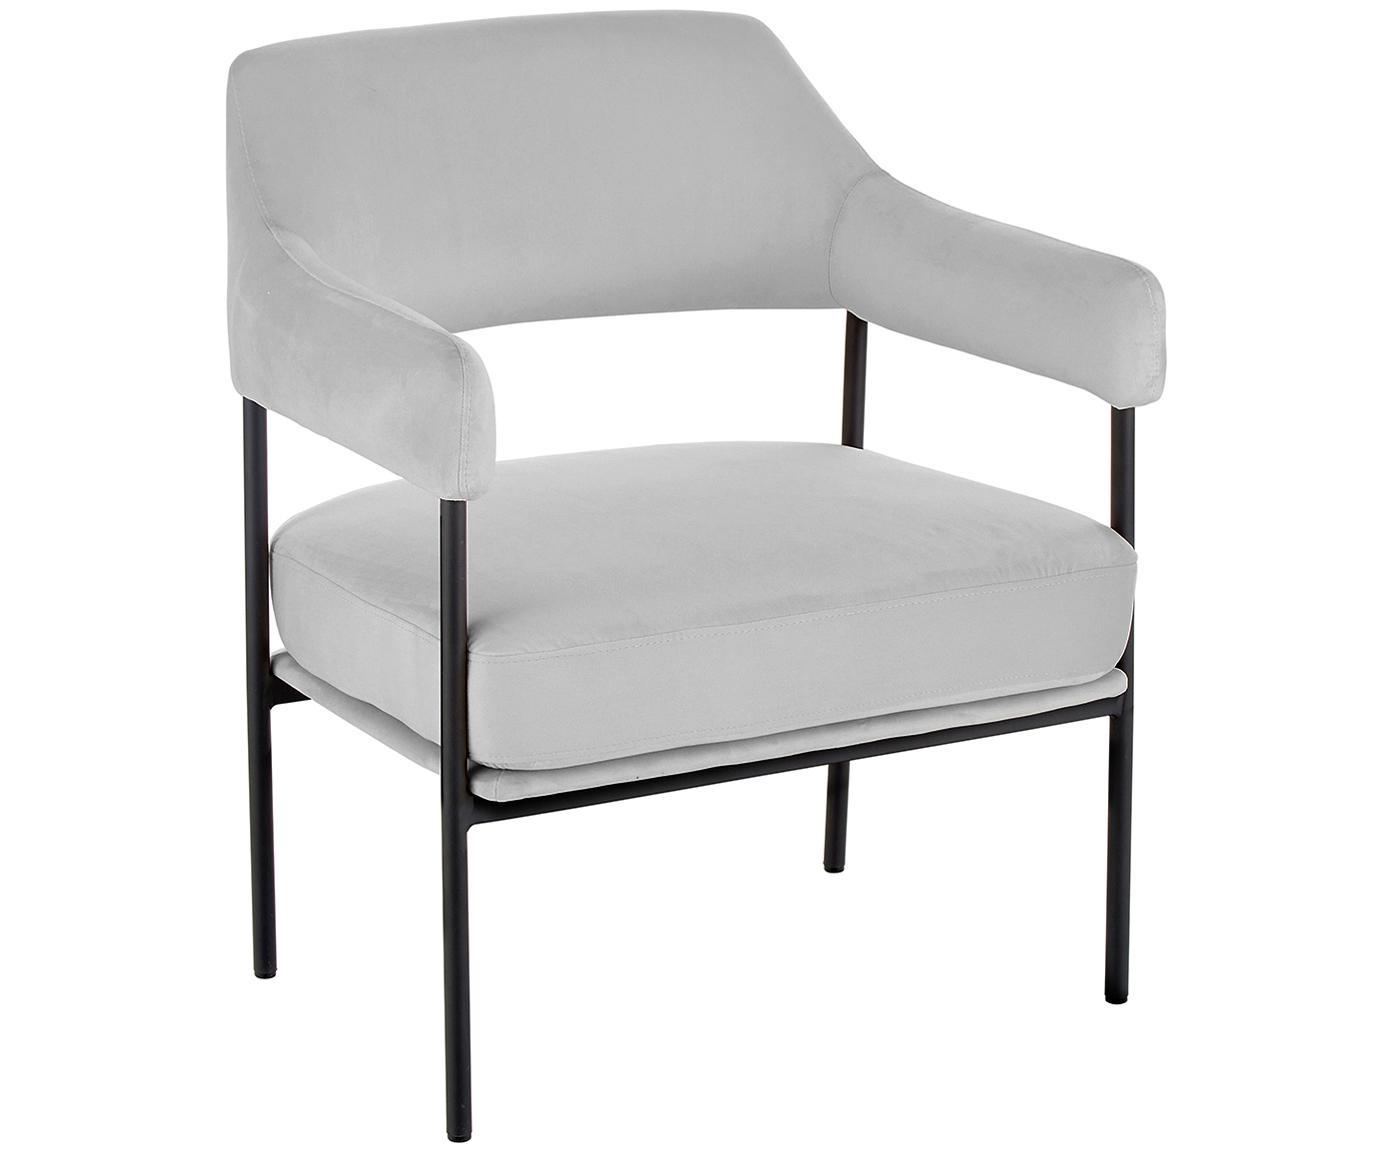 Sedia a poltrona in velluto Zoe, Rivestimento: velluto (poliestere) 50.0, Struttura: metallo verniciato a polv, Velluto grigio, Larg. 67 x Prof. 66 cm